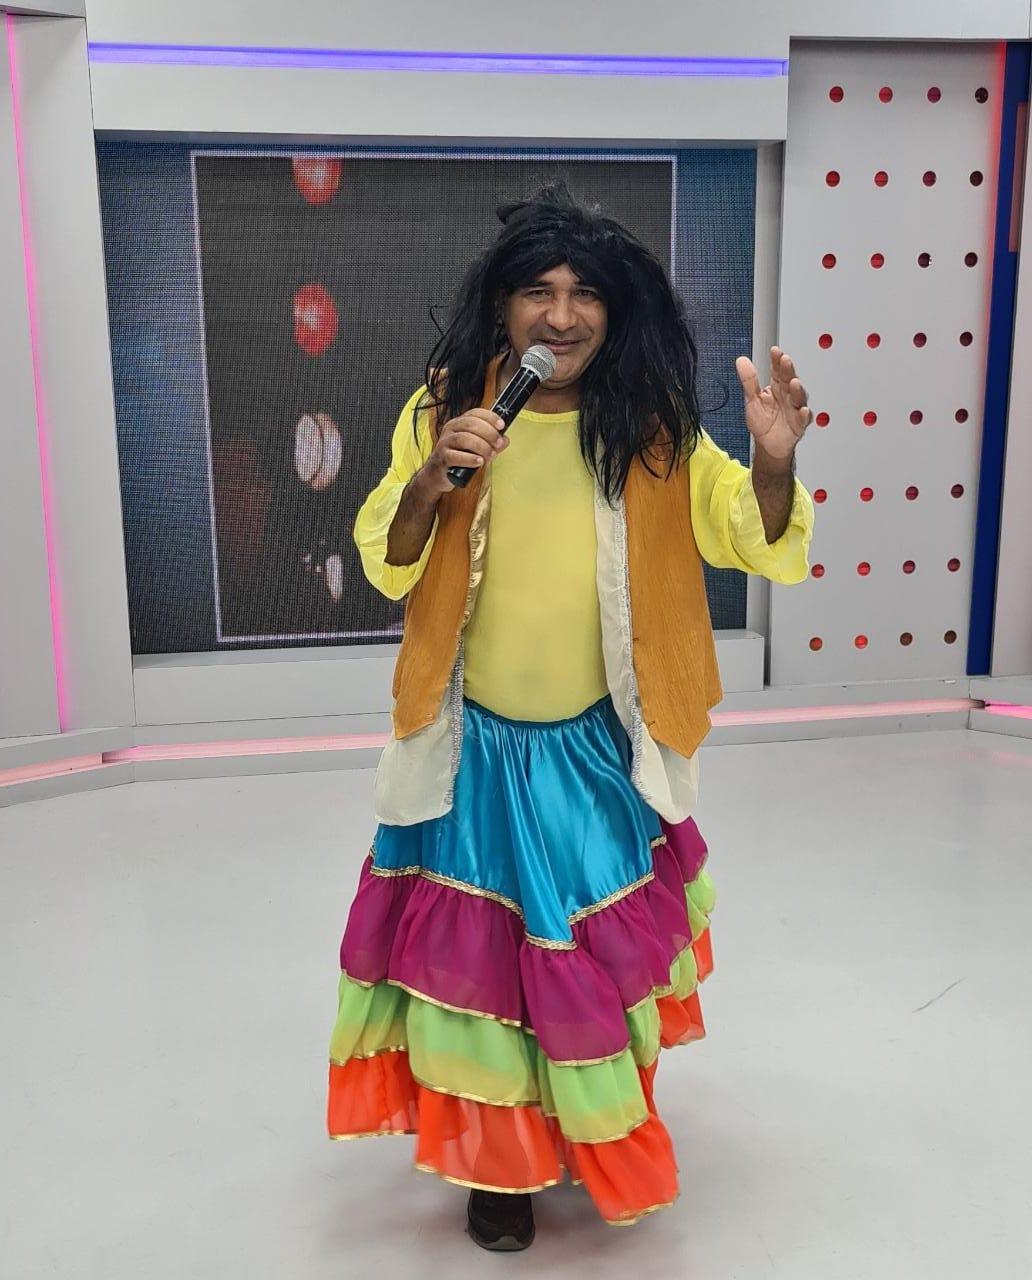 Chupetinha interpreta a cantora Maria Bethânia, que completa hoje 75 anos - Imagem 2